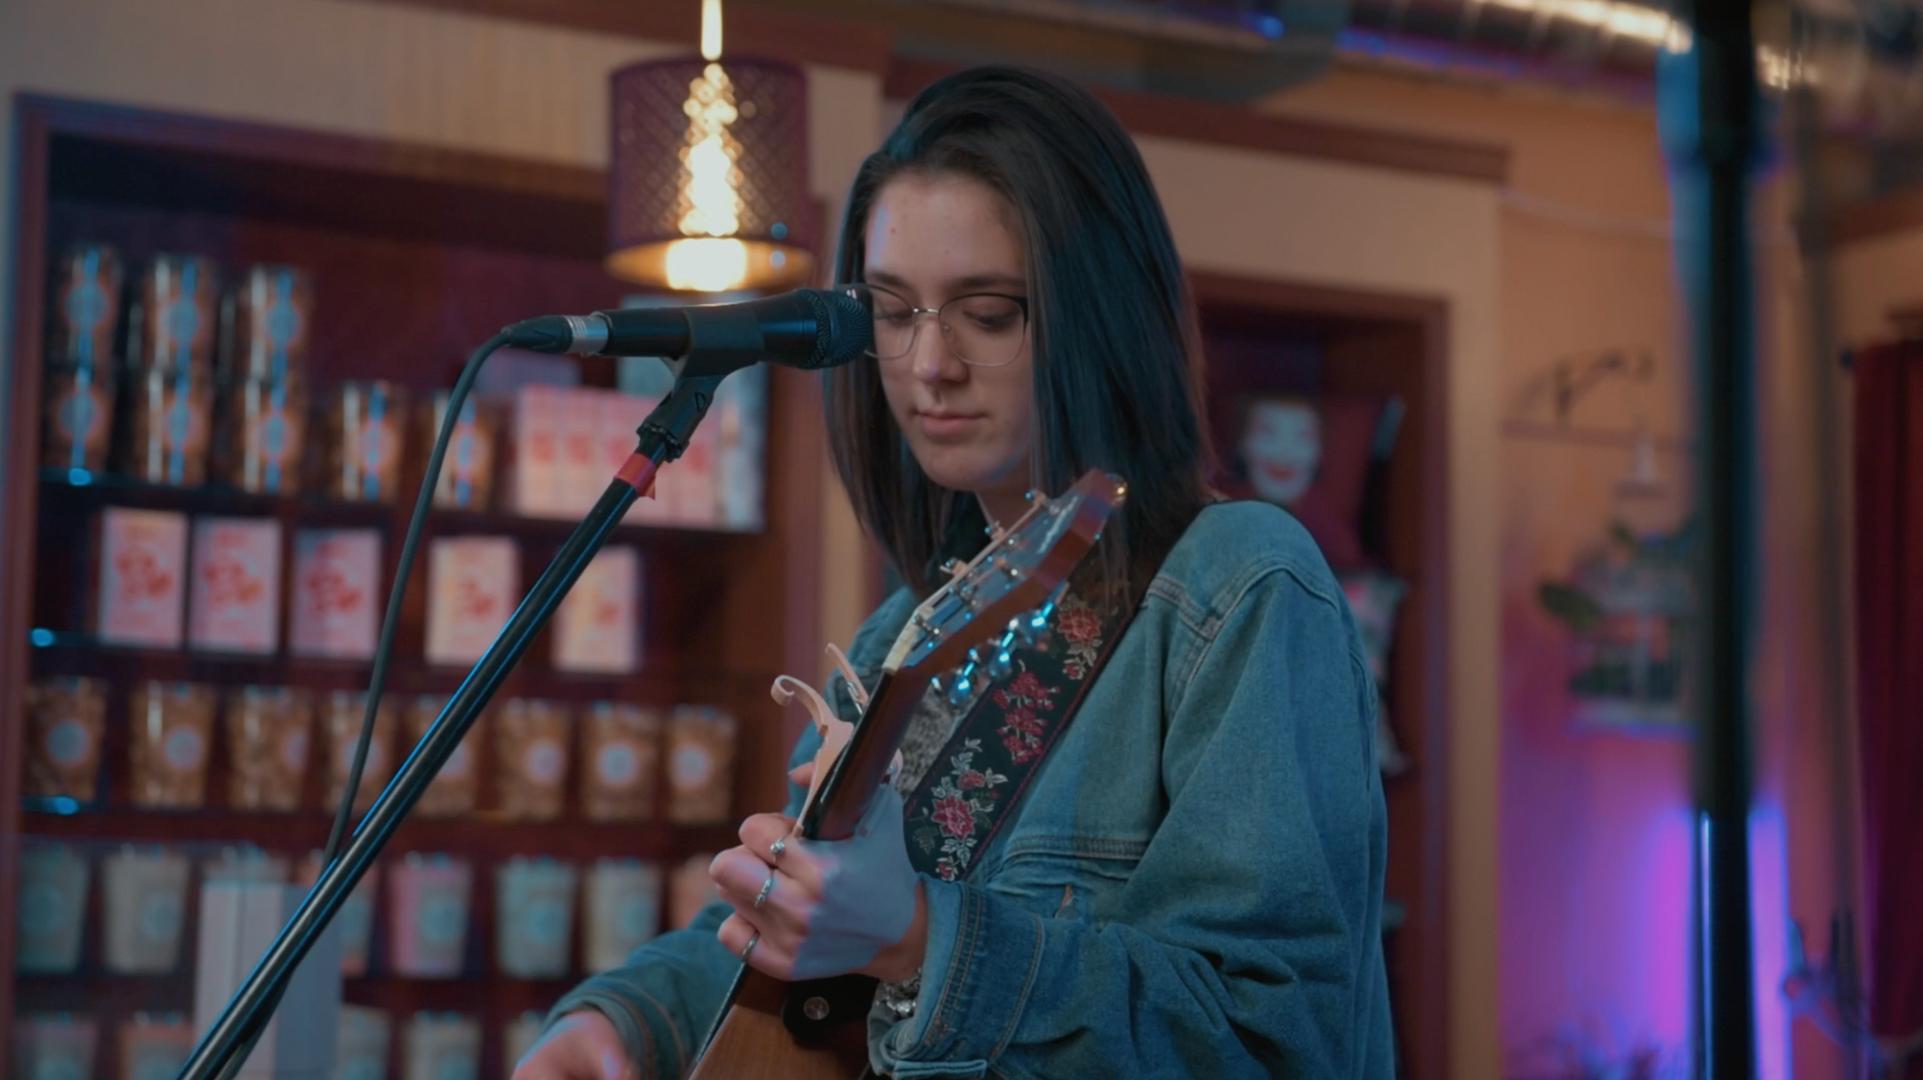 Musical Guest: Lauren